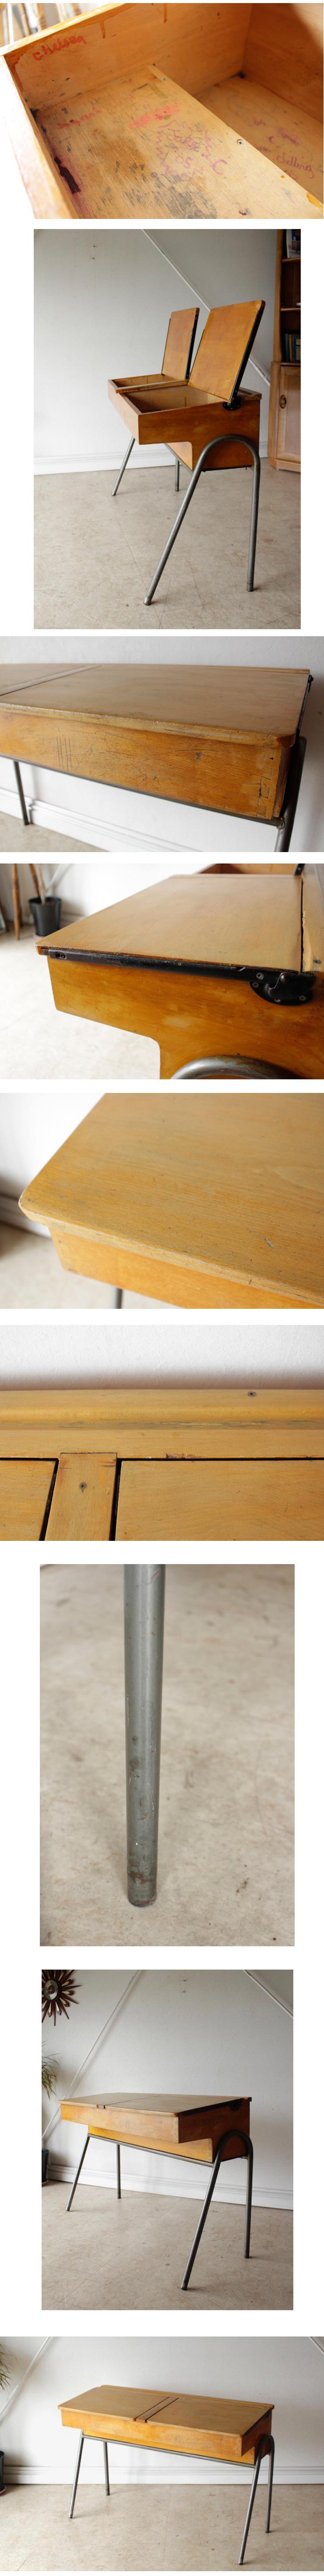 イギリス製ビンテージ・ダブルスクールデスク学習机【大人もOK】アンティーク・ブロカント・年代物